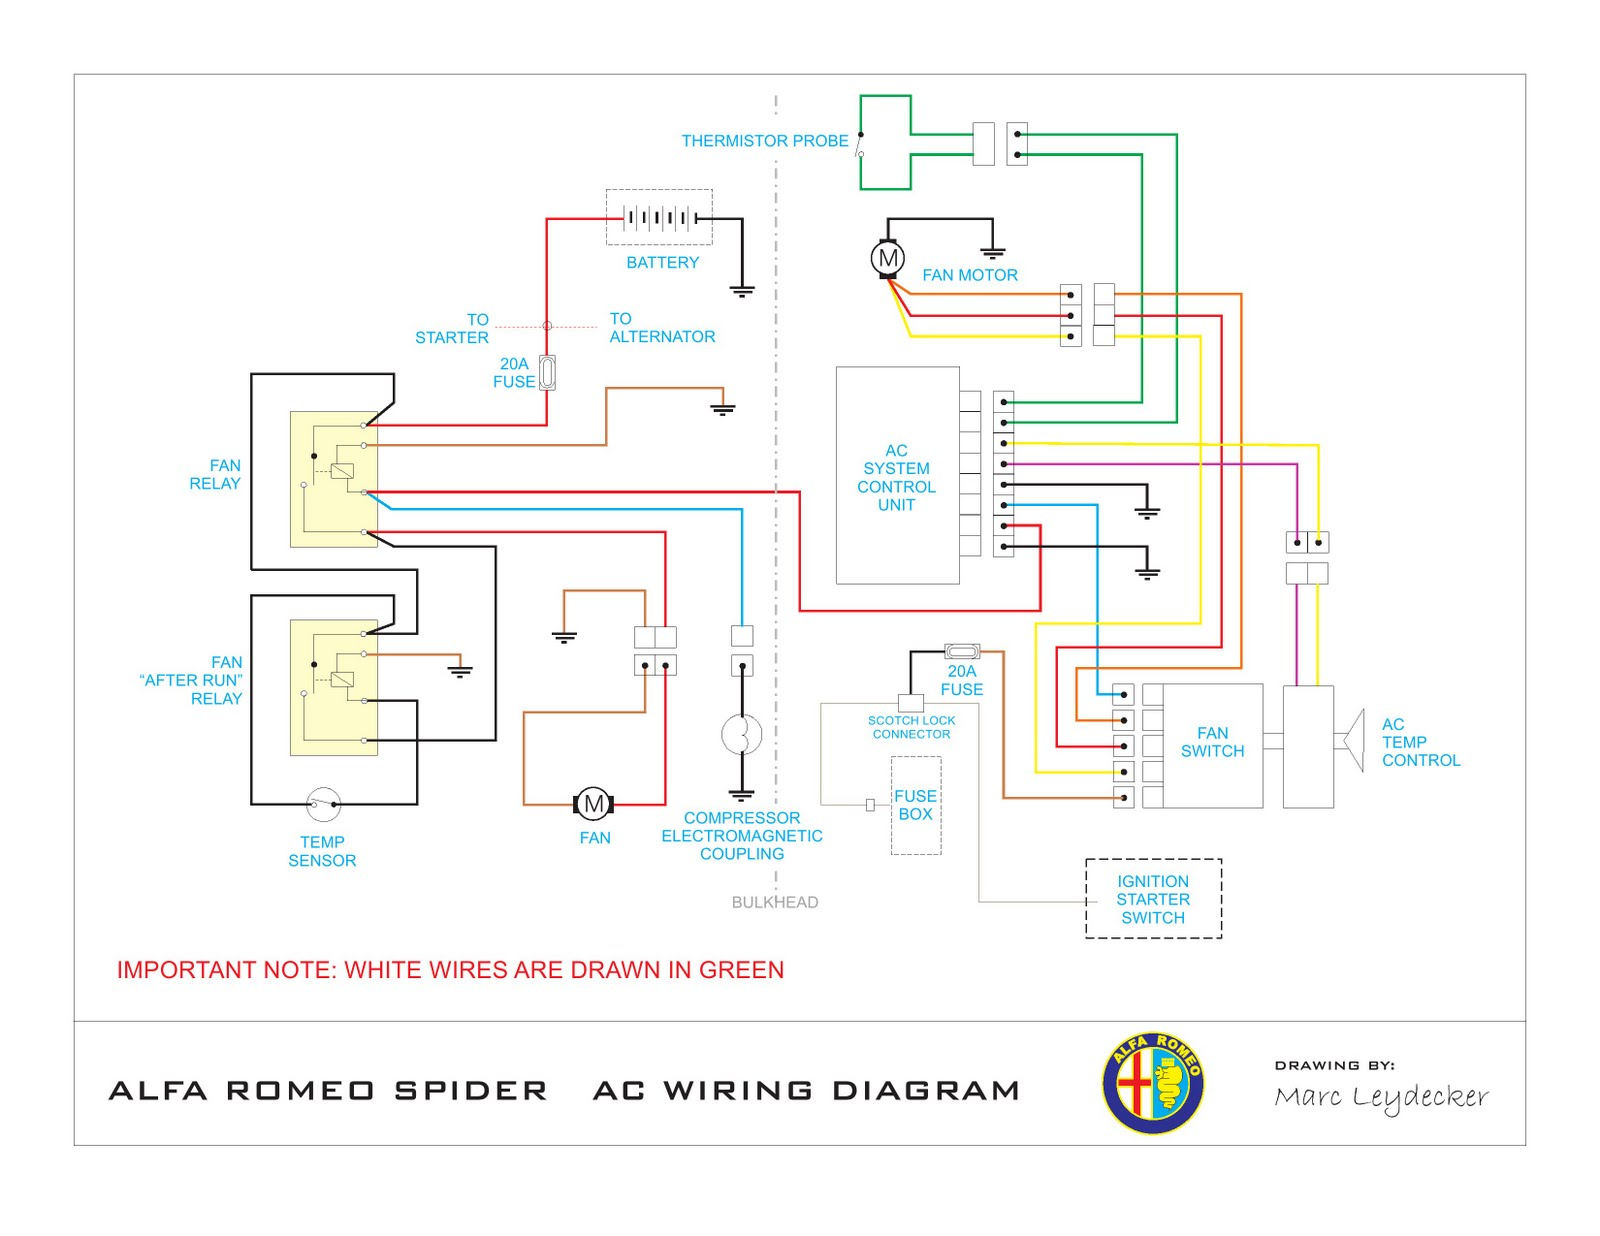 alfa romeo spider ac wiring diagram schematic wiring 2011 jetta wiring diagram alfa romeo spider 2000 wiring diagram [ 1600 x 1236 Pixel ]